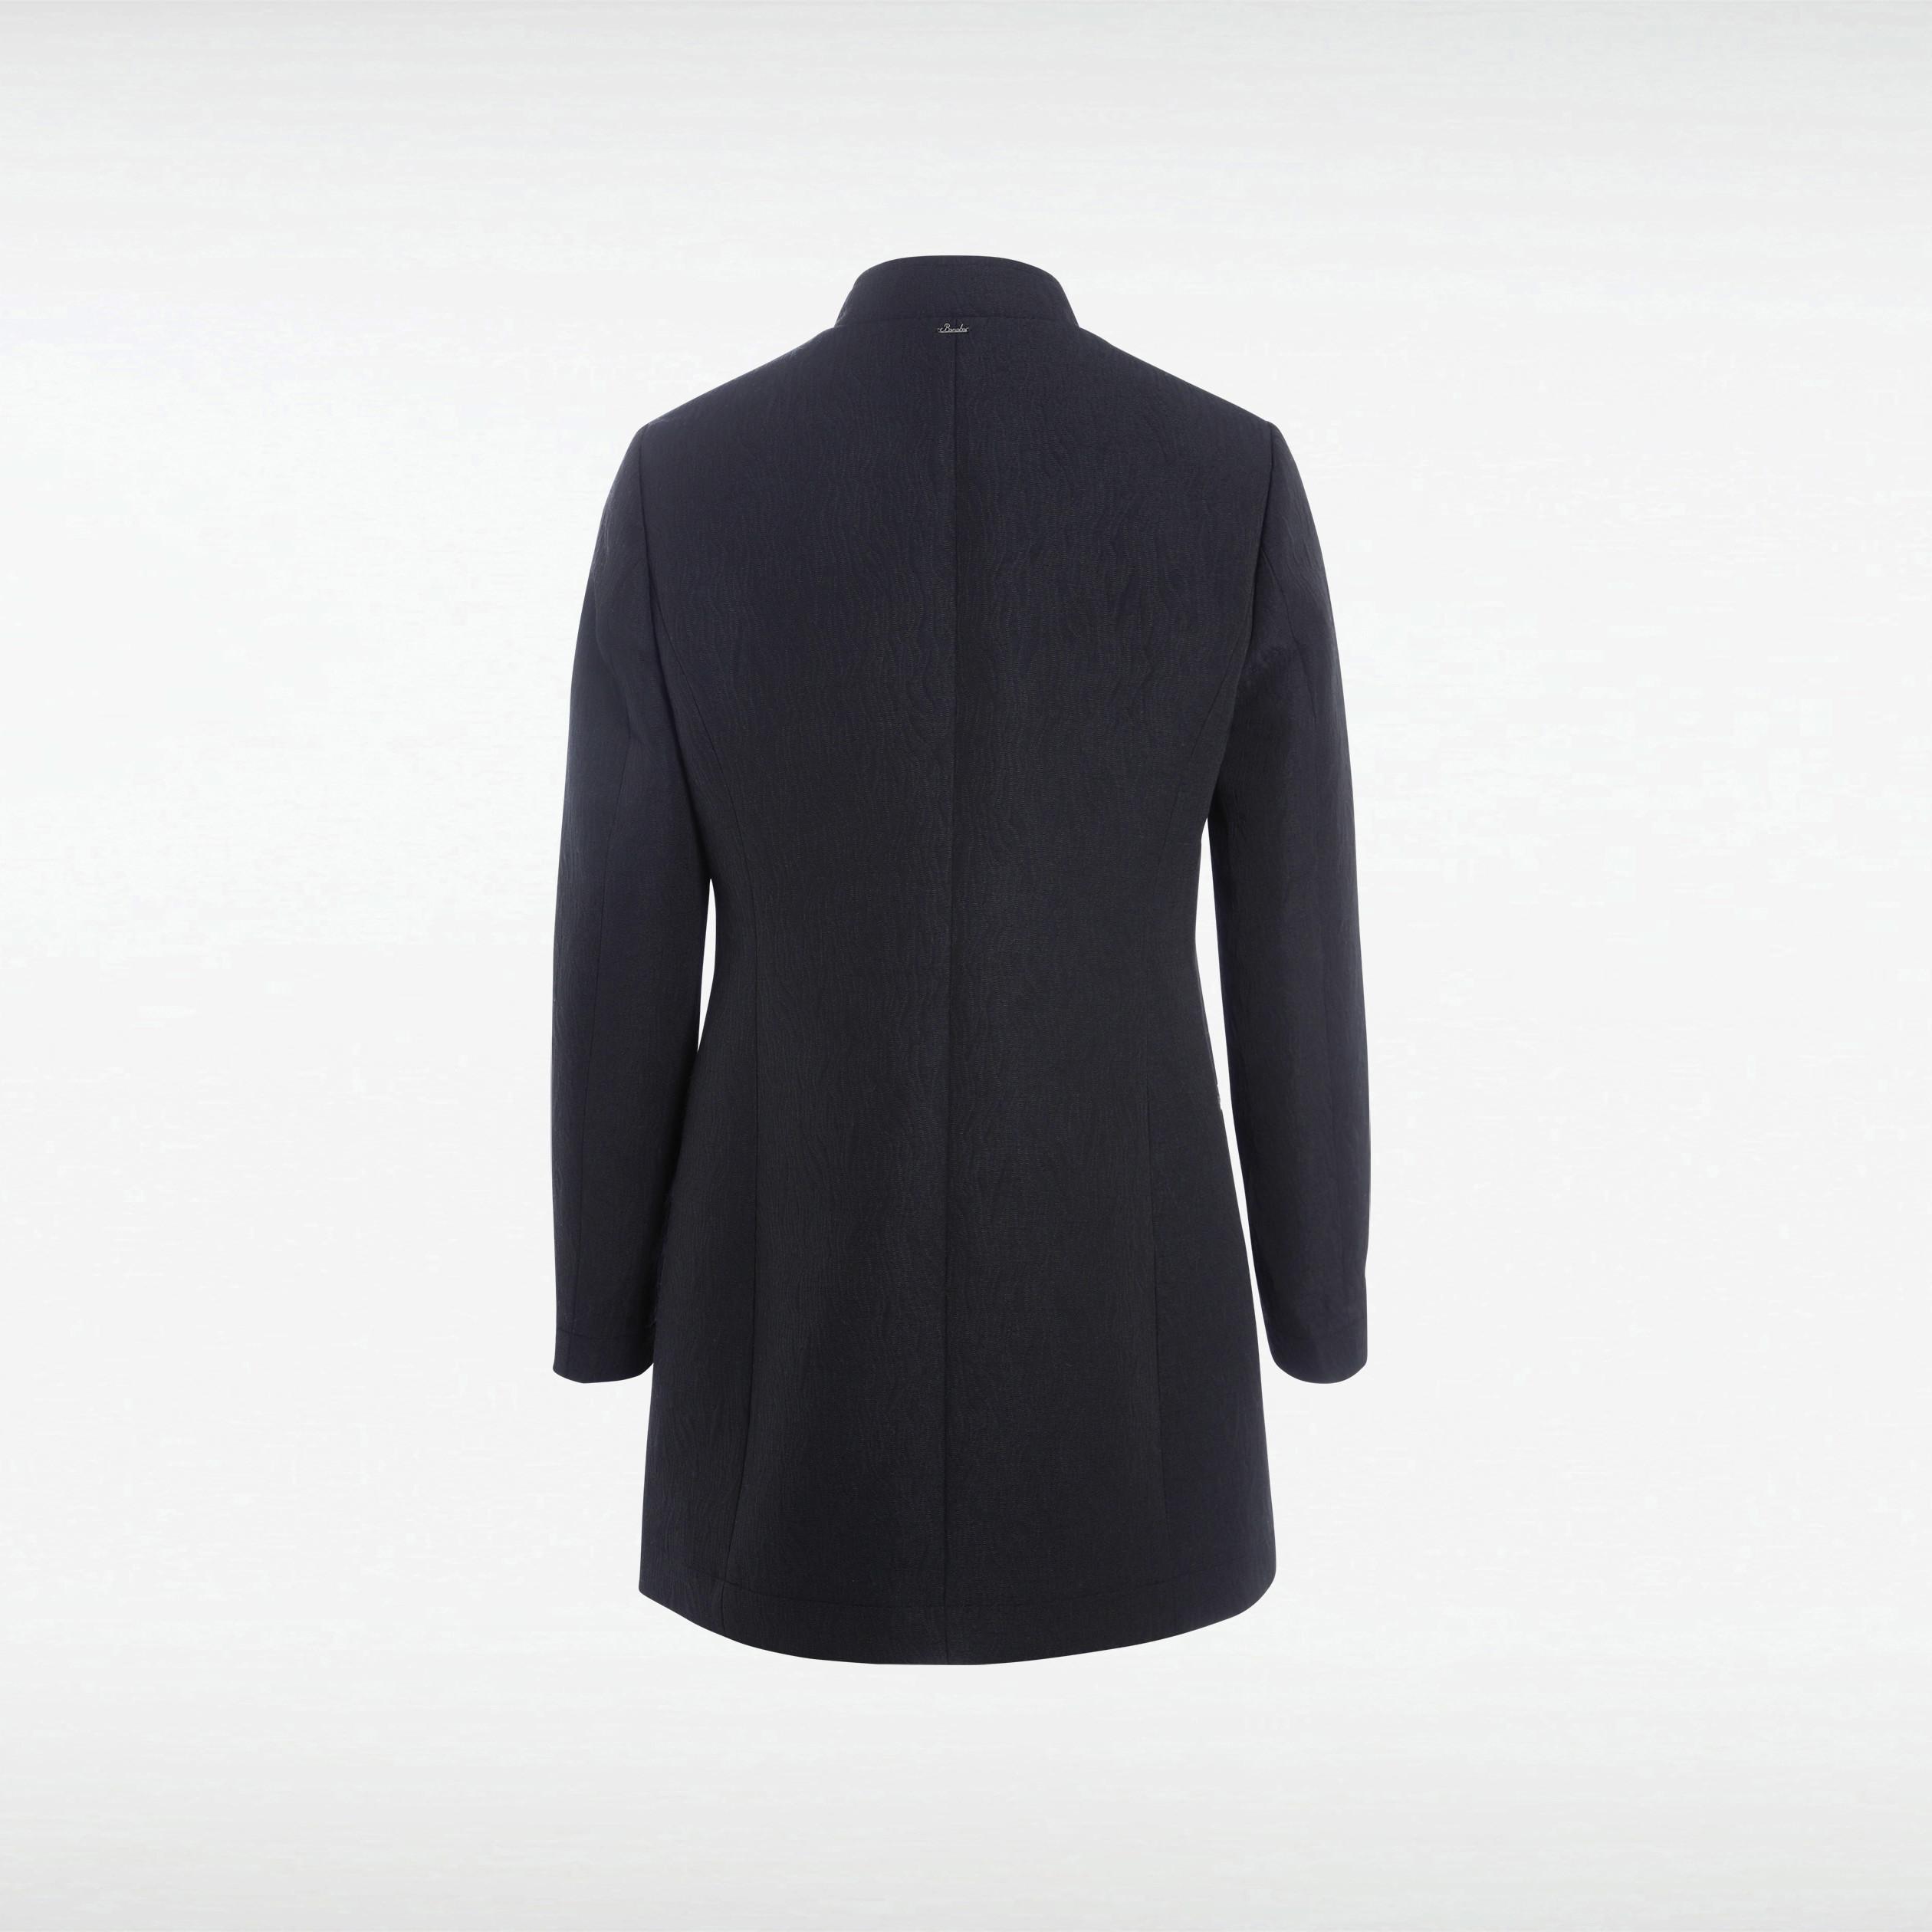 noir Manteau droit col femme mao nwOk8P0